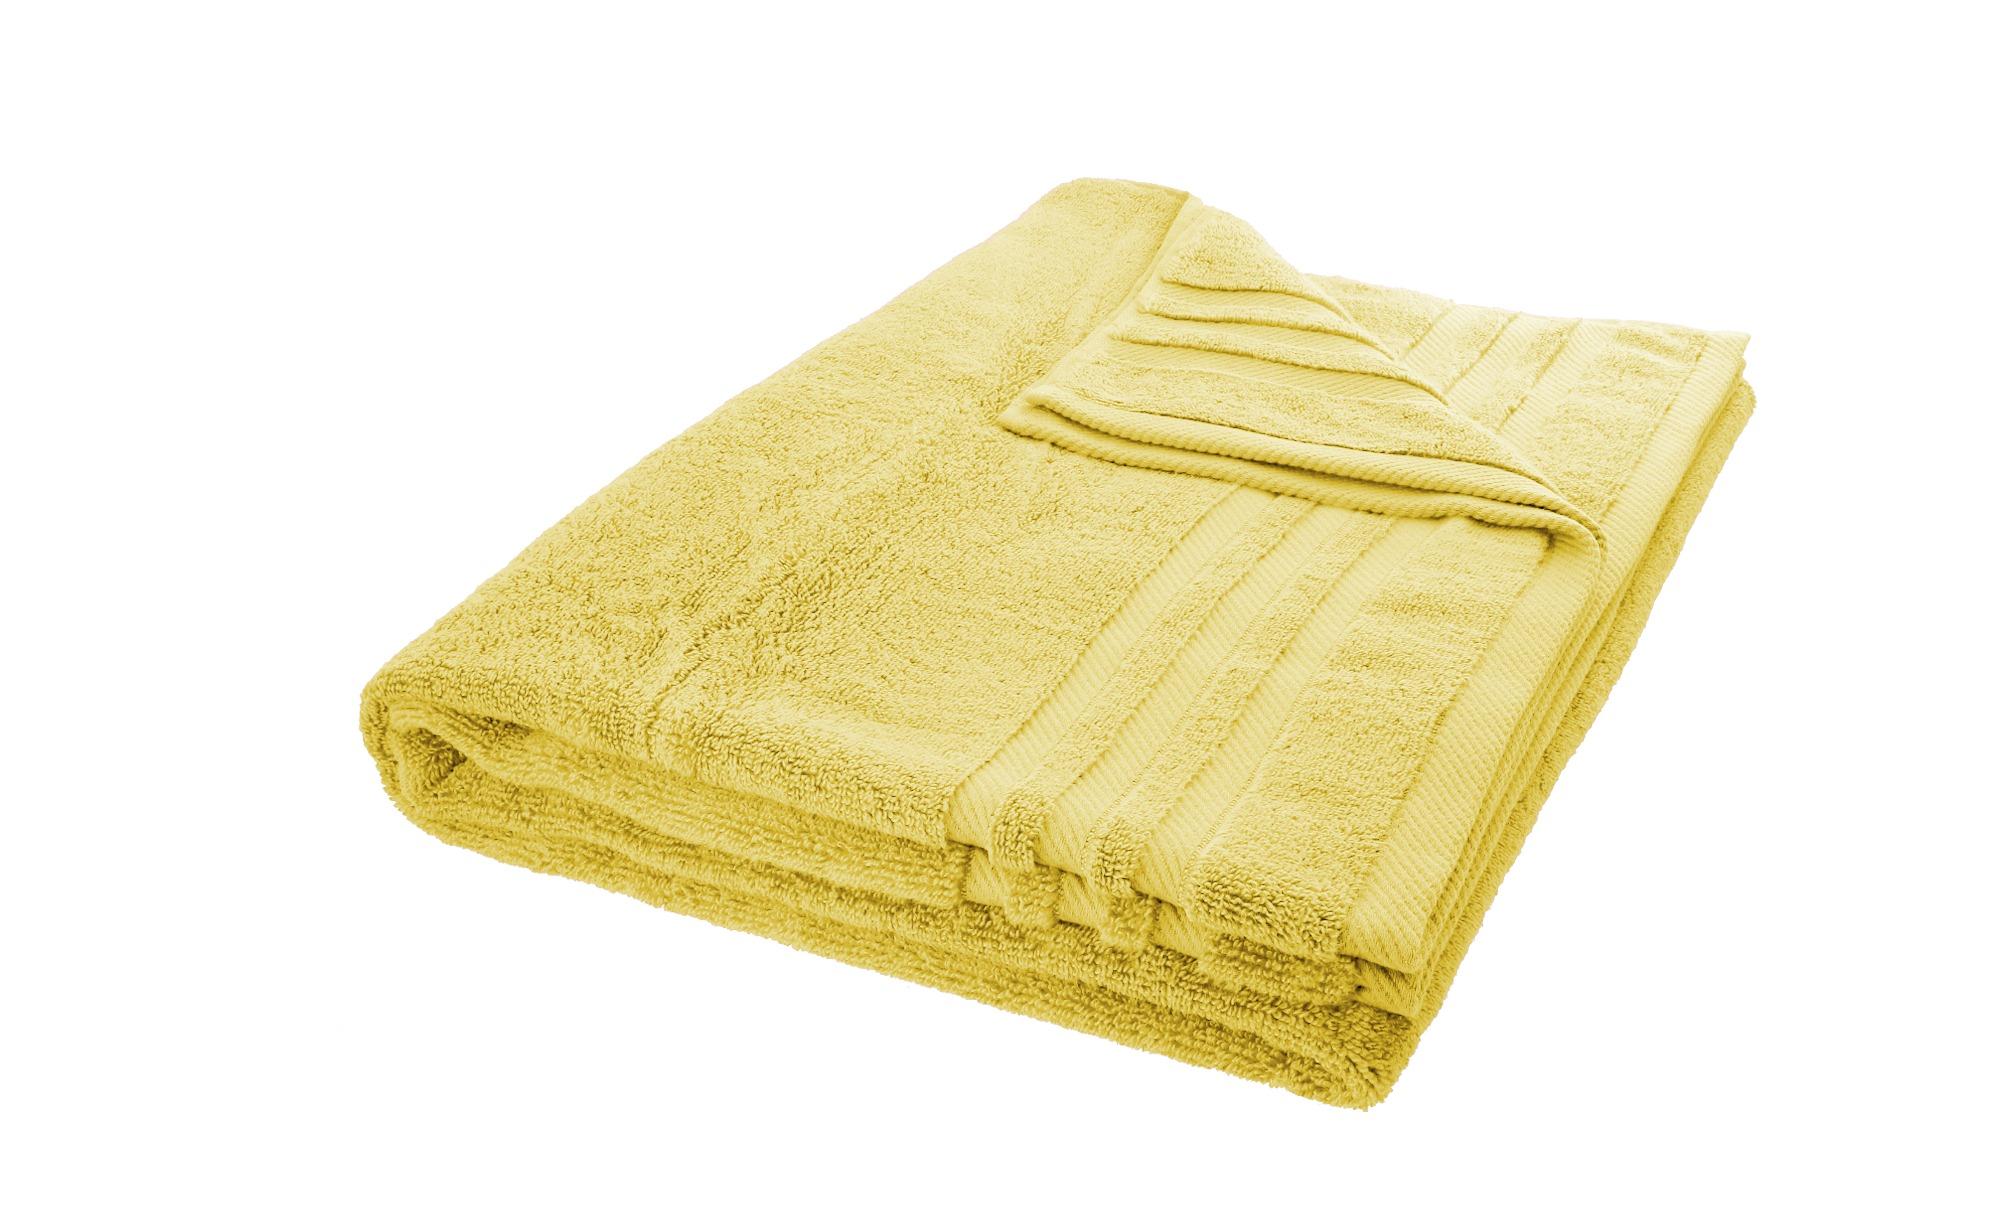 LAVIDA Badetuch  Soft Cotton ¦ gelb ¦ reine Micro-Baumwolle ¦ Maße (cm): B: 100 Badtextilien und Zubehör > Badetücher > Badetücher 100x150 cm - Höffner